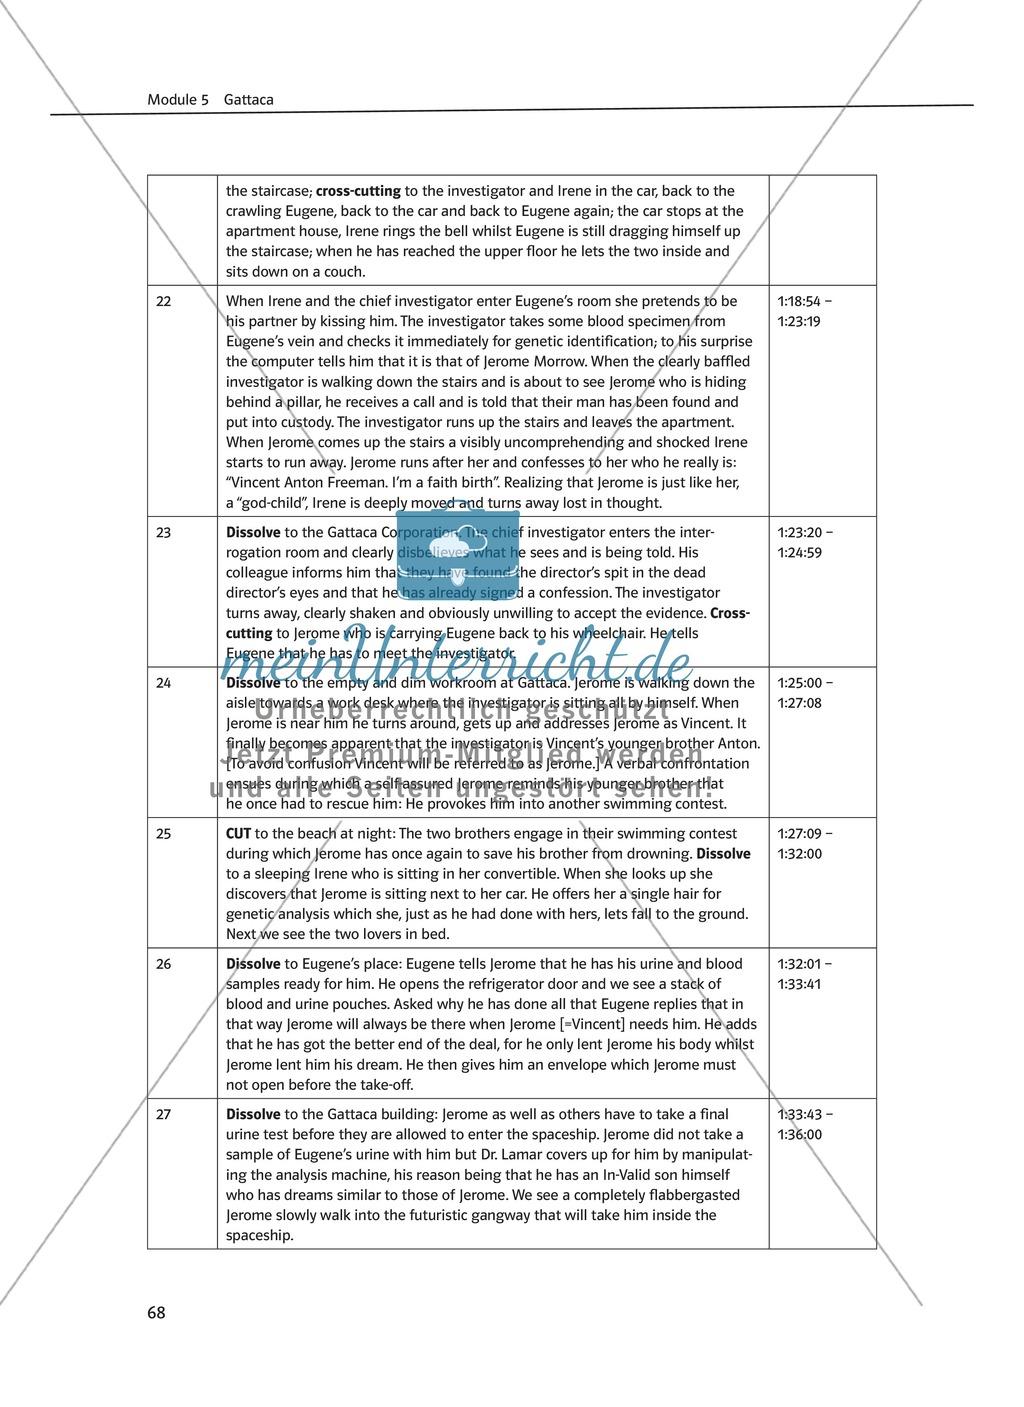 Gattaca - Allgemeine Informationen und Szenenprotokoll - Übersicht über Inhalt und Kameraeinstellungen Preview 5